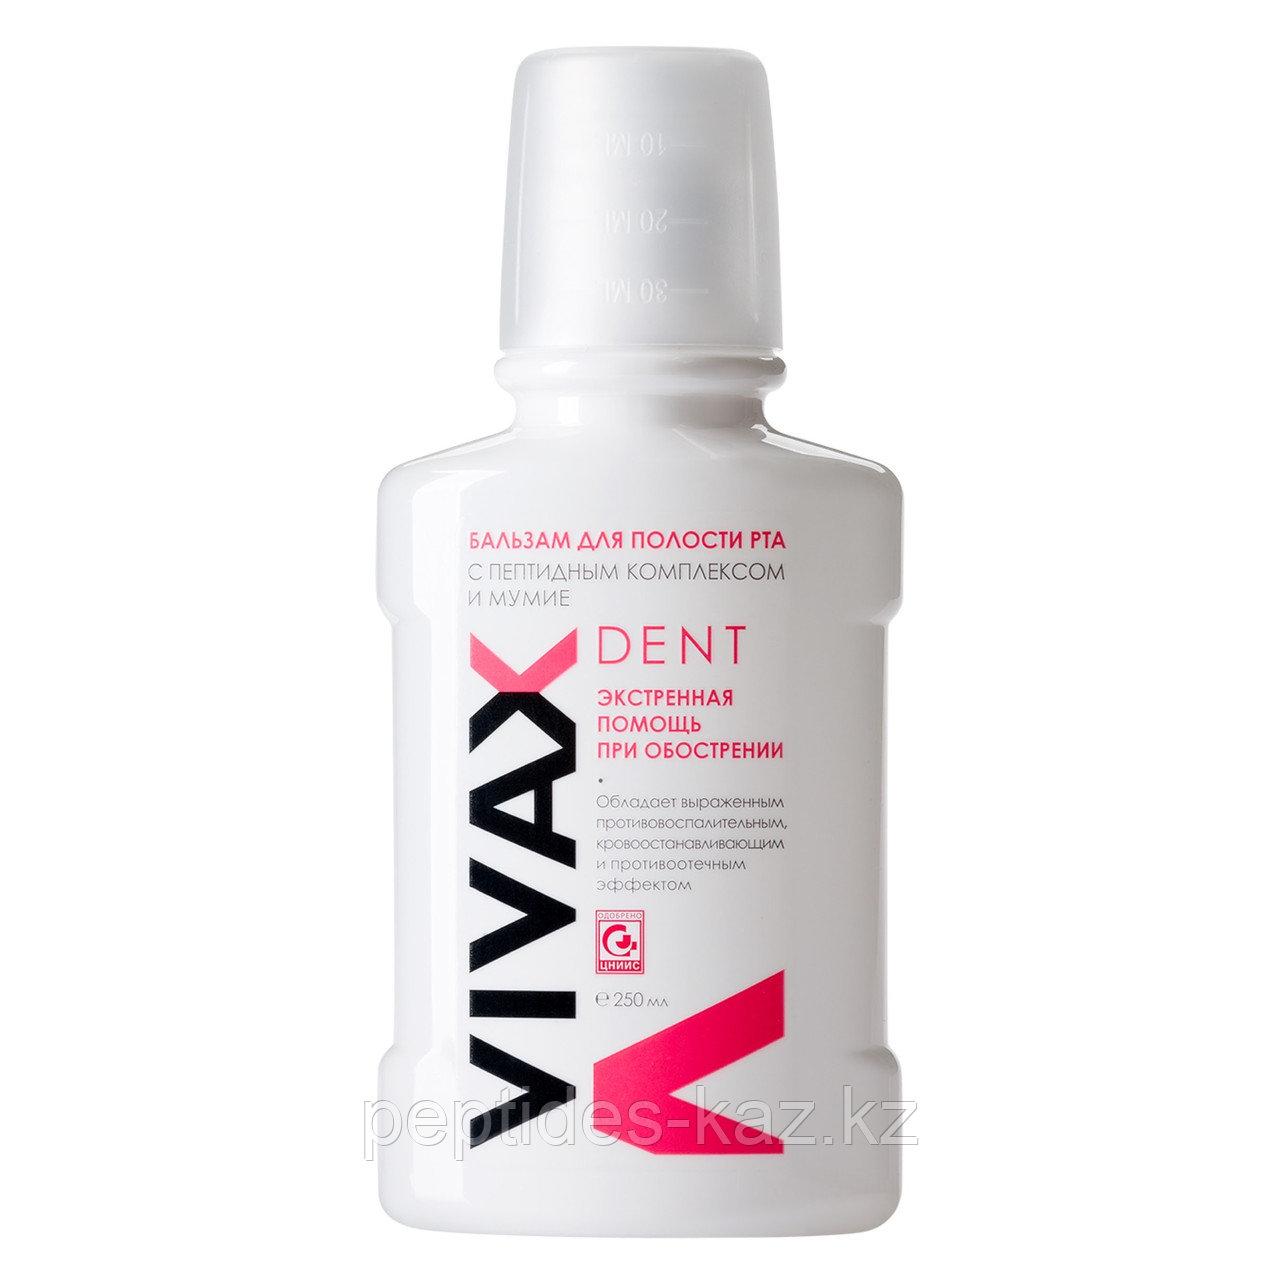 VIVAX DENT бальзам для полости рта с пептидами и Мумие 250 мл